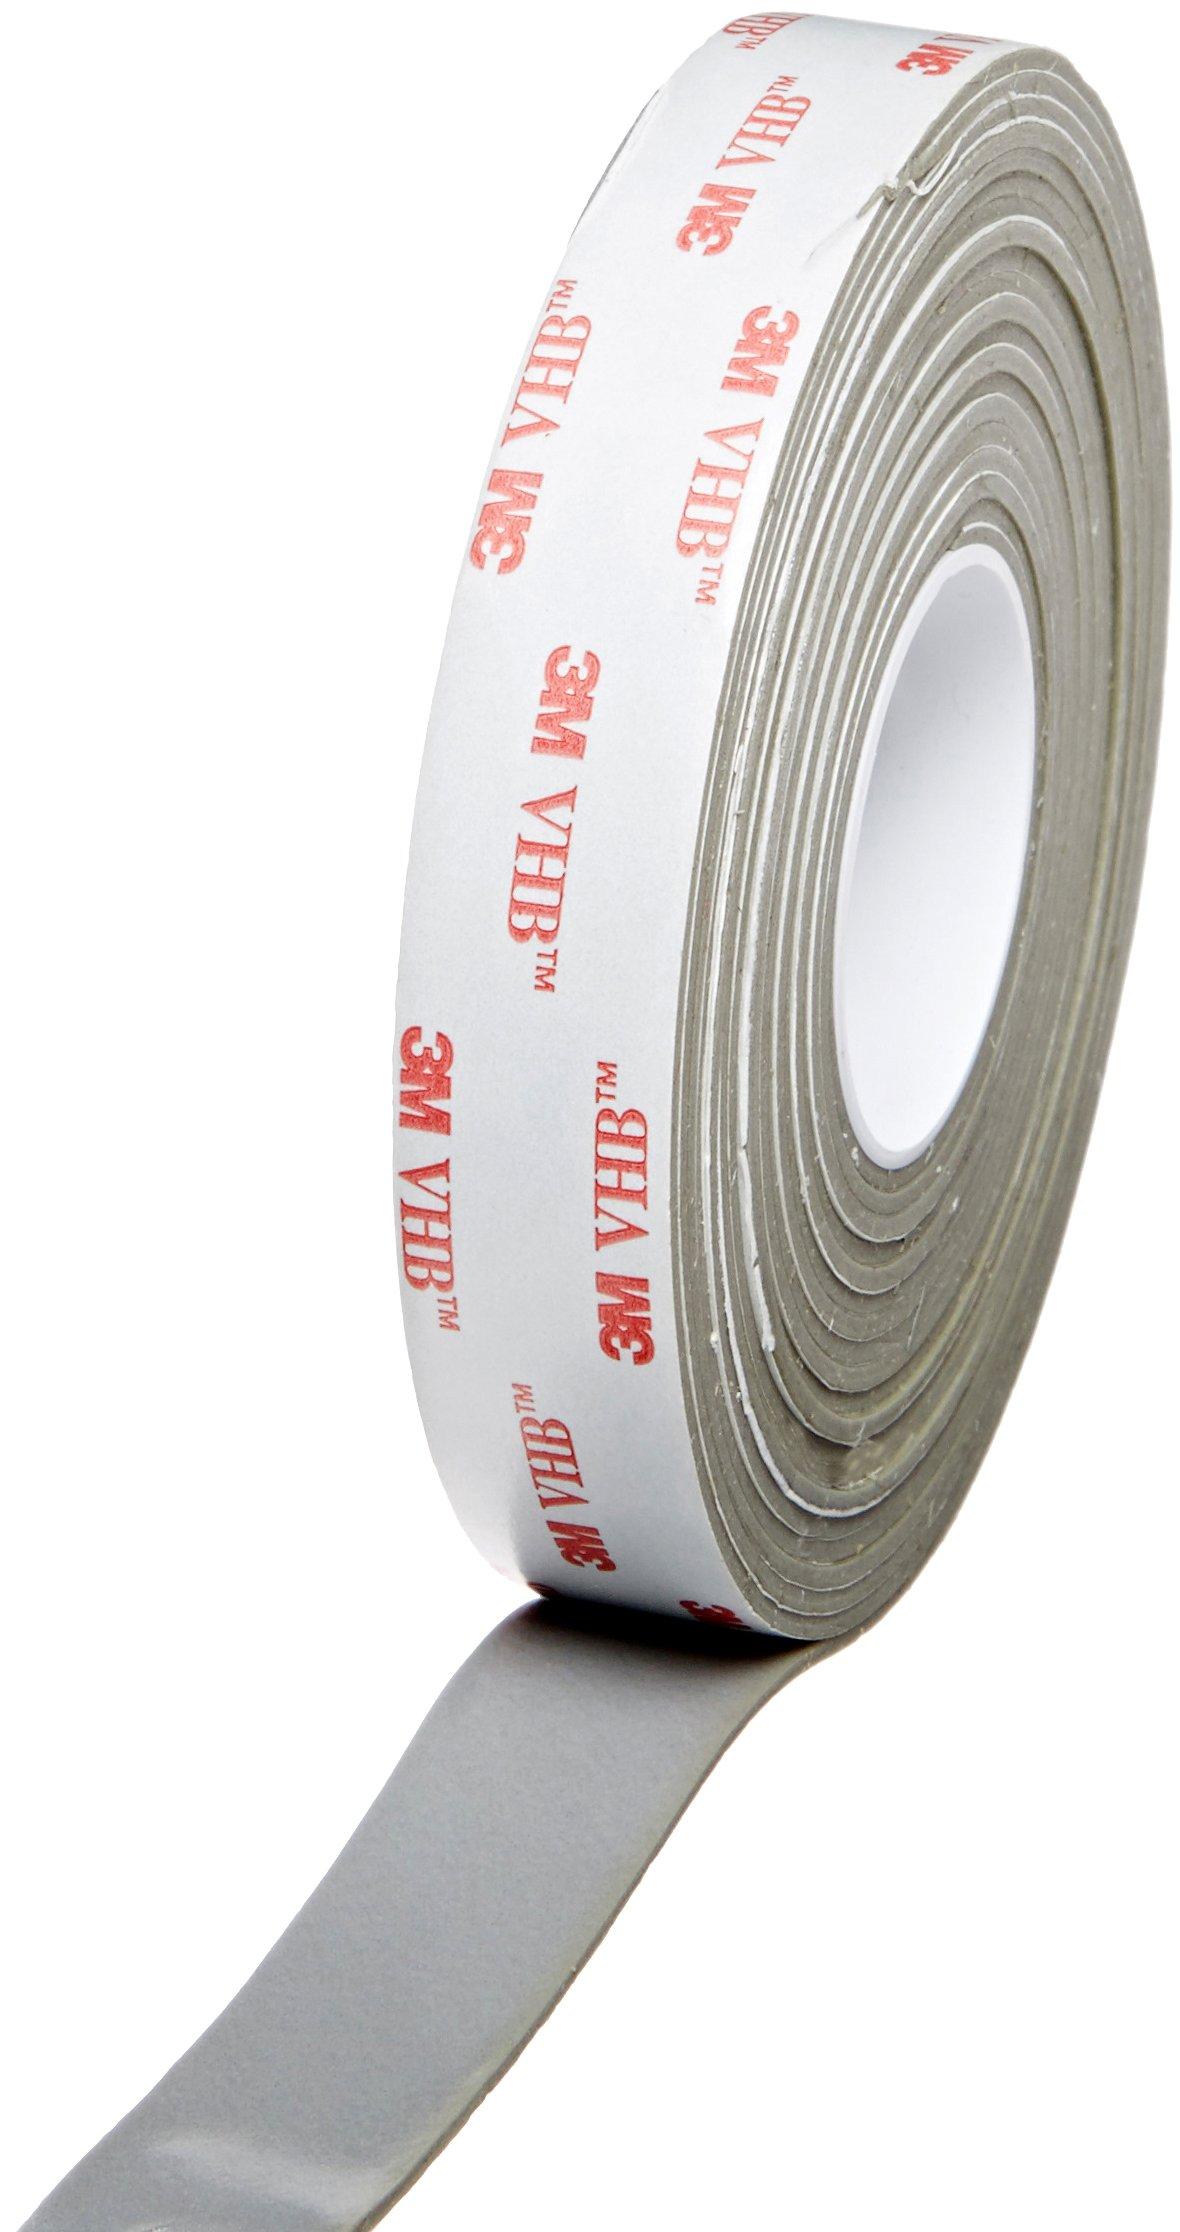 3M VHB Tape RP62 0.75 in width x 5 yd length